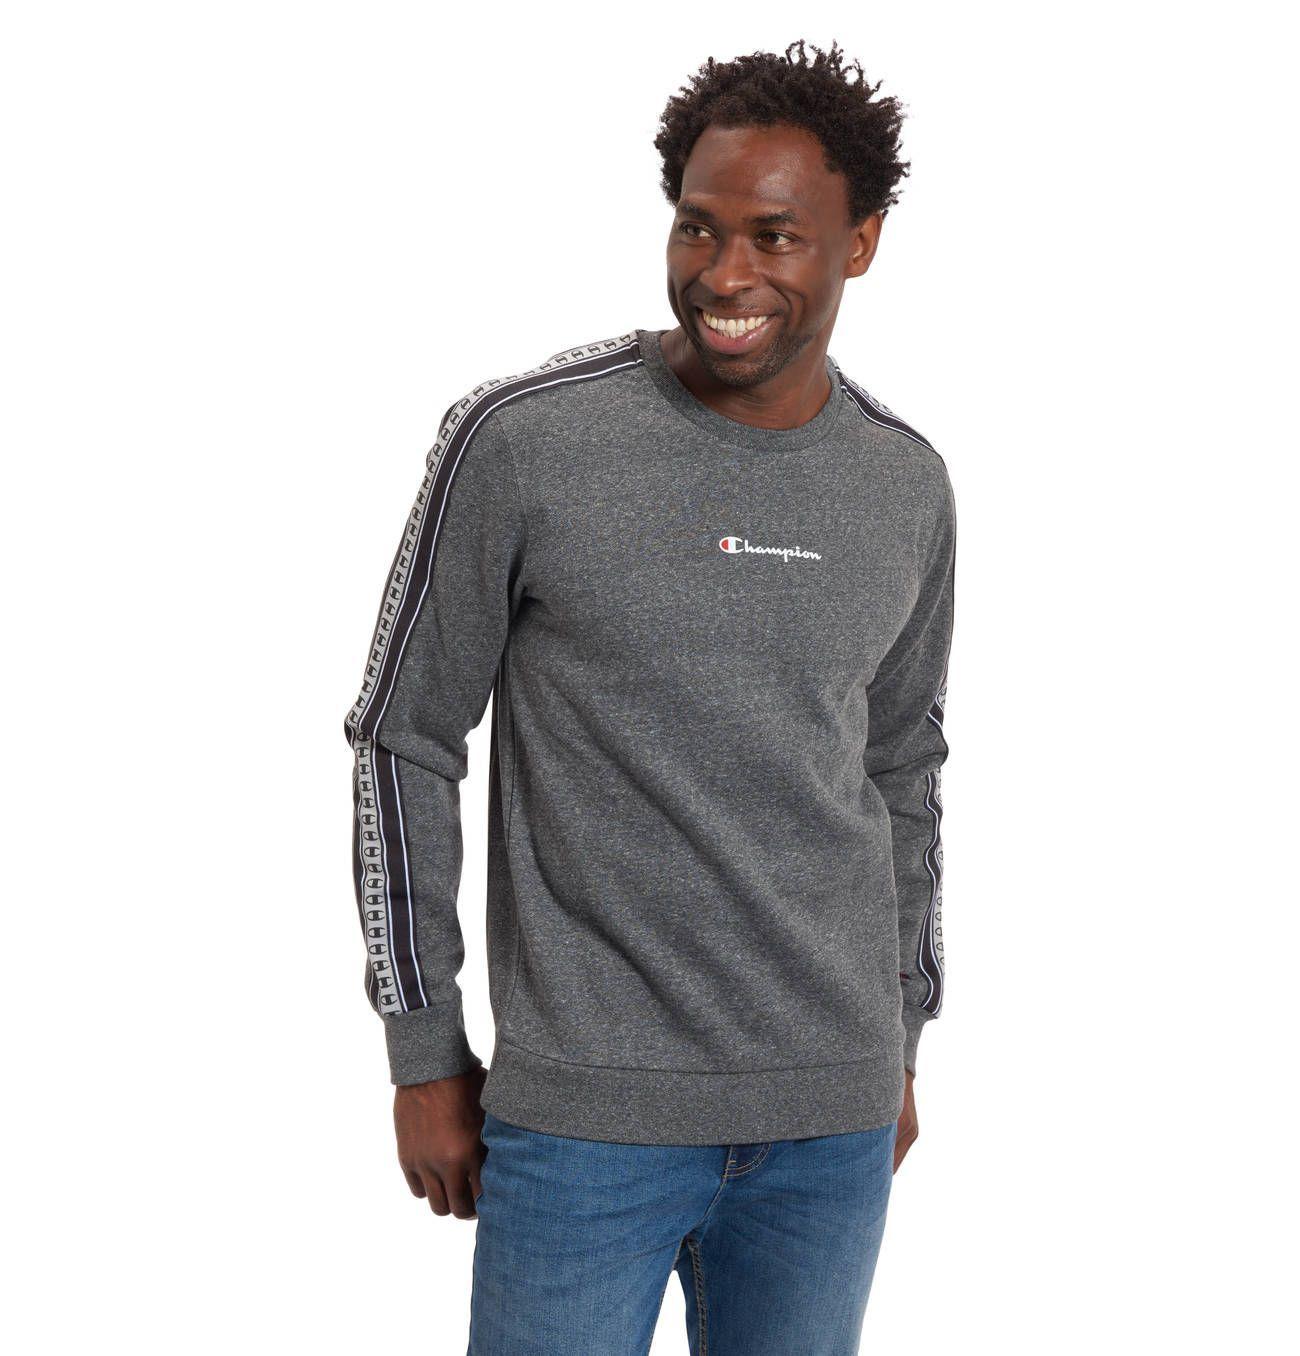 logostreifen #sweatshirt #comfort #fitSweatshirt, Logo